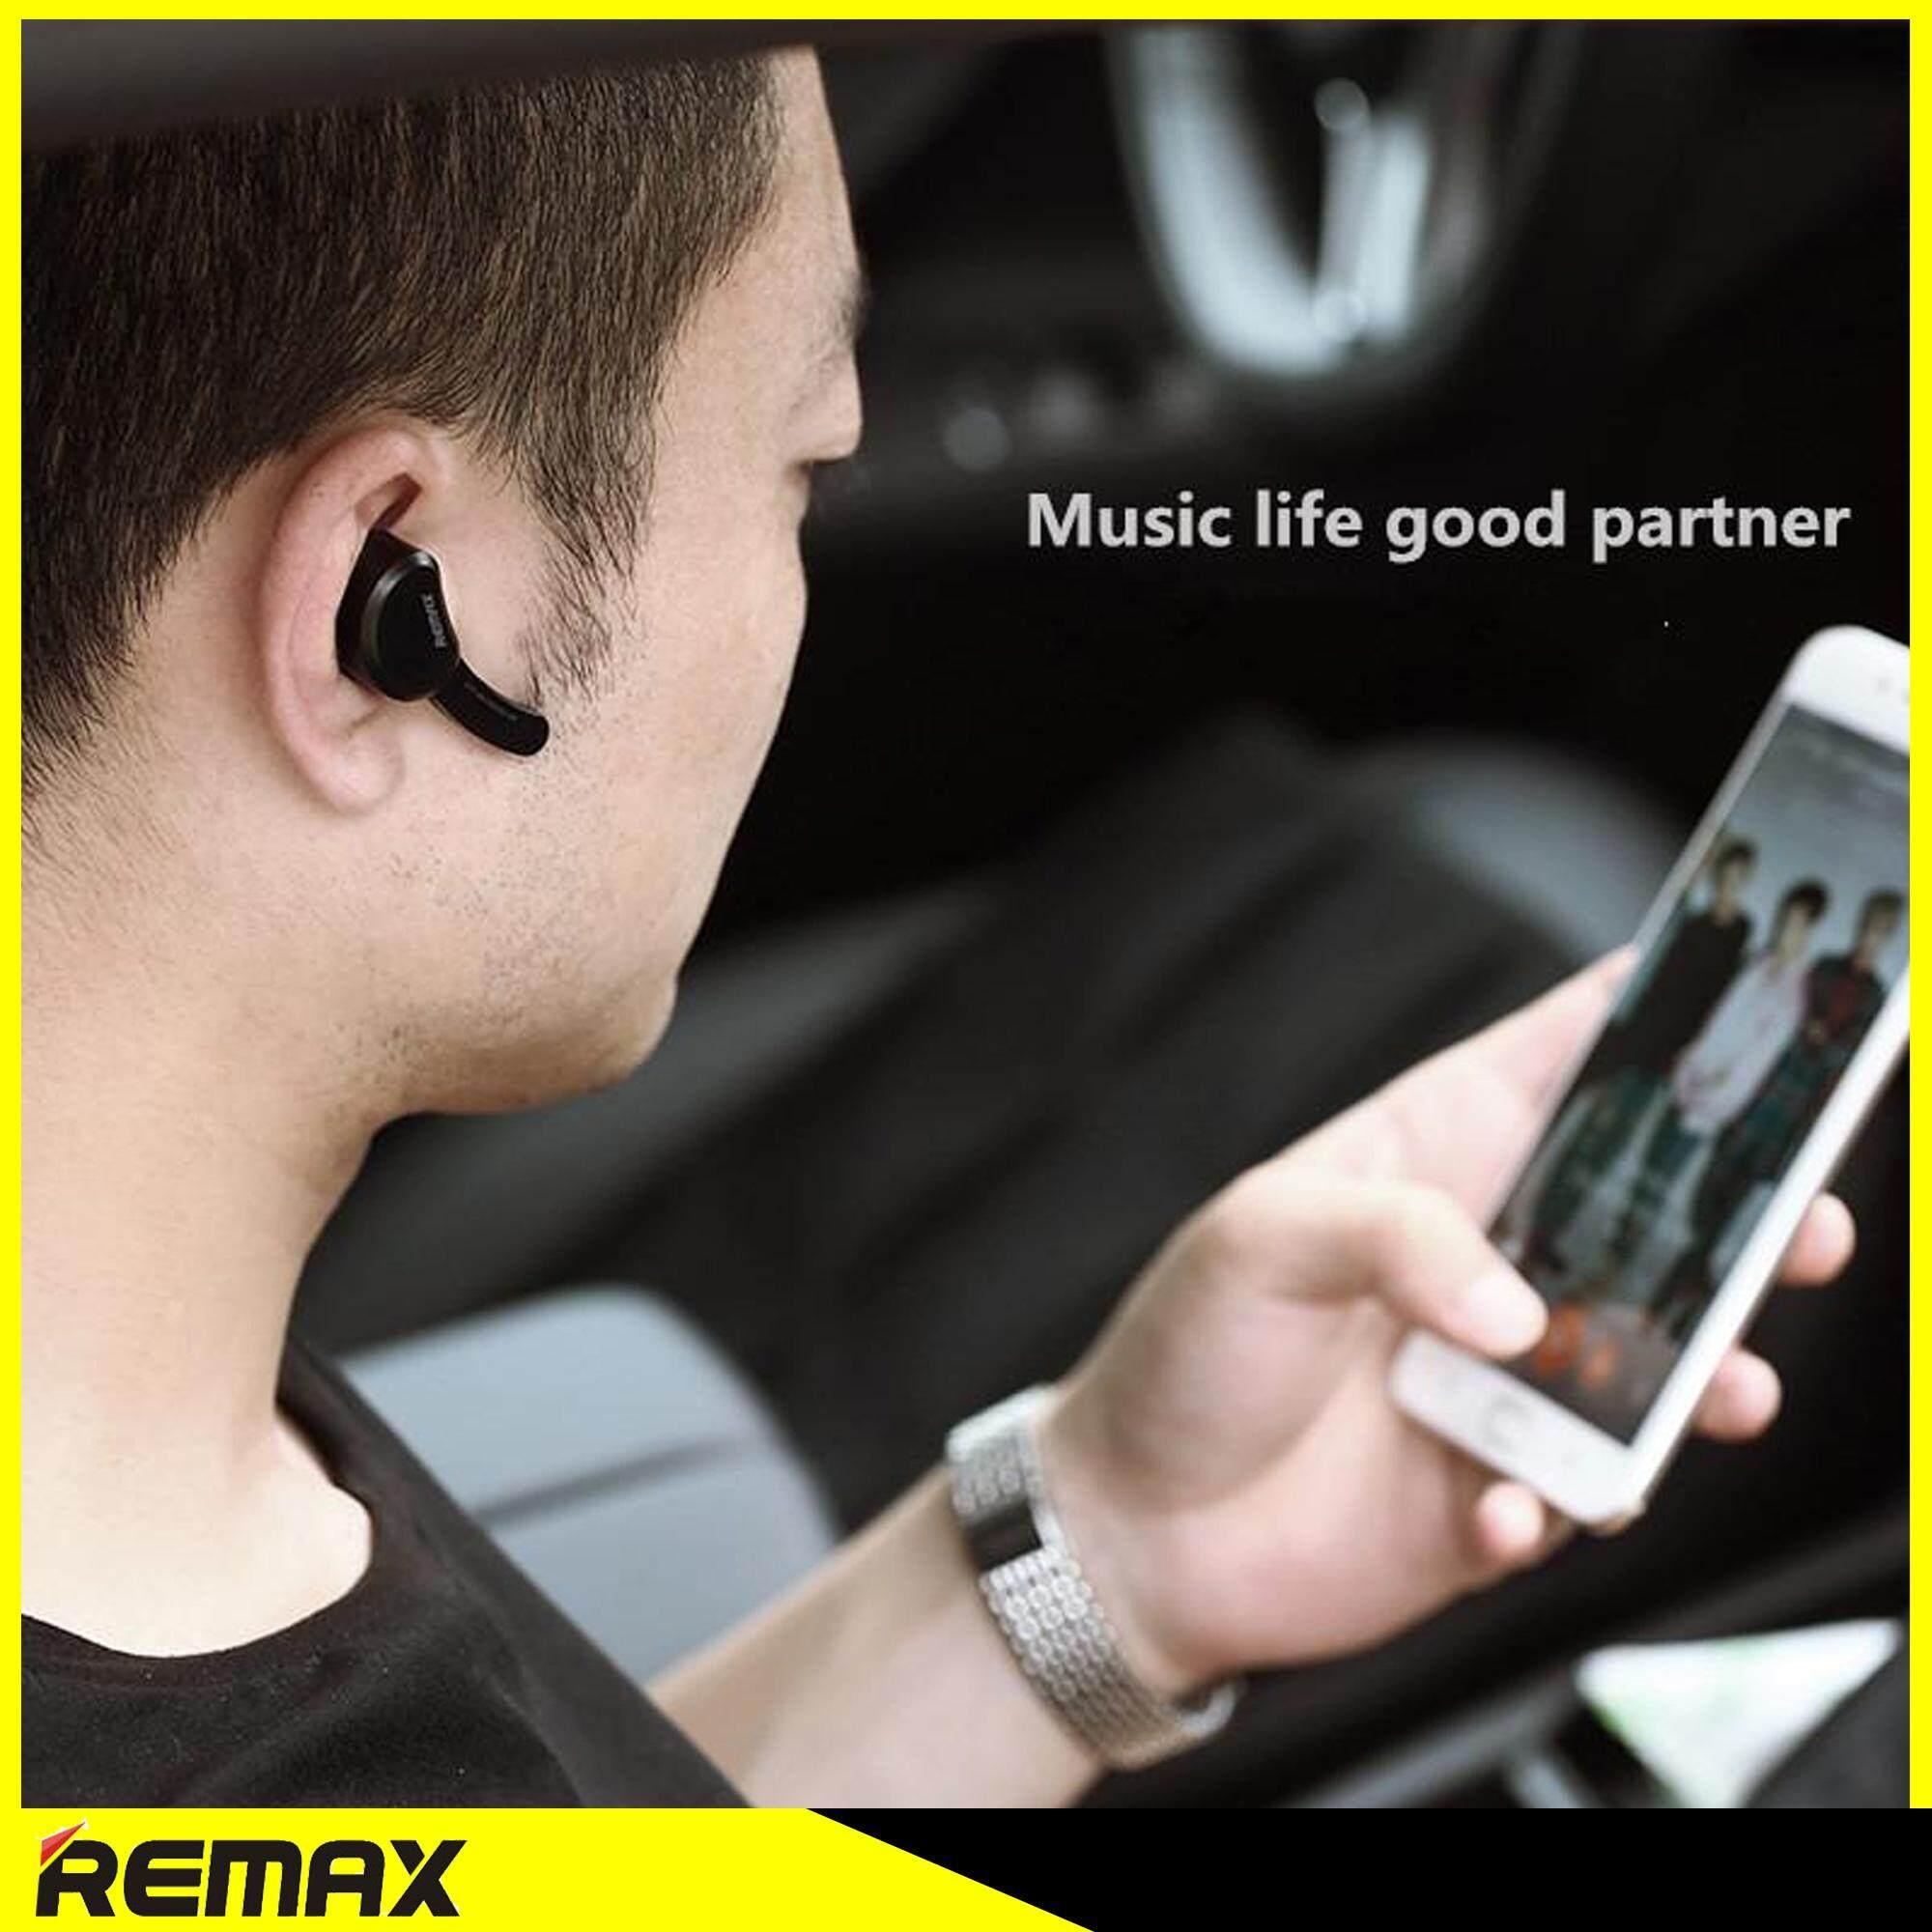 ลดราคาของจริงด่วน ๆ หูฟัง UGREEN UGREEN Nylon Braided RCA Audio Cable 2RCA Male to 3.5mm Jack to 2 RCA AUX Cable  for Home Theater iPhone Headphone มีของแถม ส่งฟรี